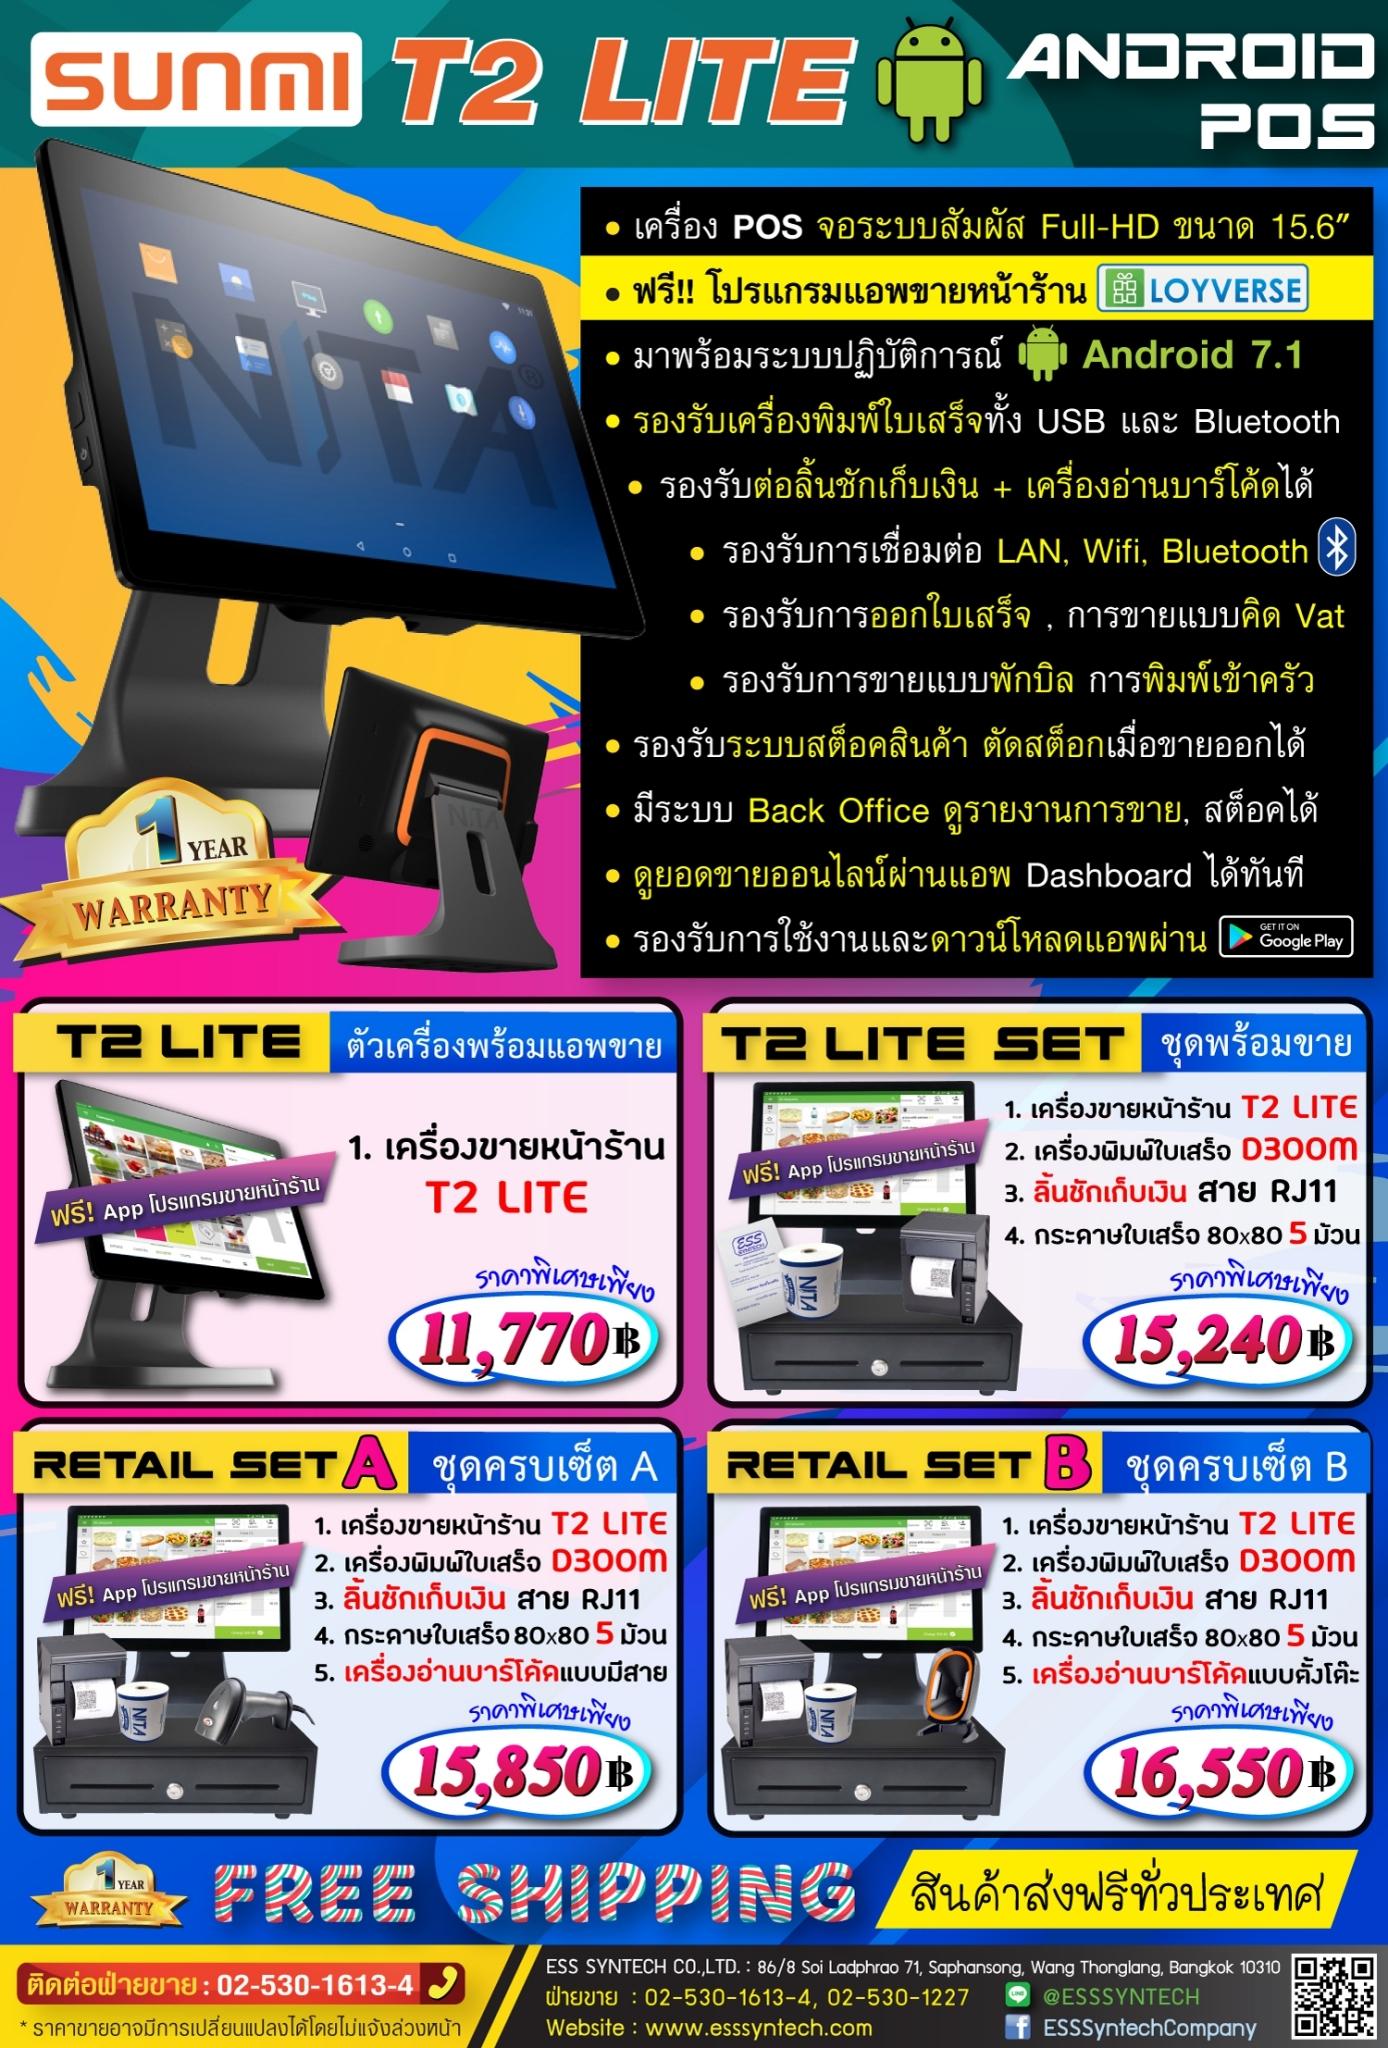 ชุดขายหน้าร้าน ระบบแอนดรอย์ SUNMI T2 LITE Android POS จอใหญ่ 15 นิ้ว ราคา Set Promotion